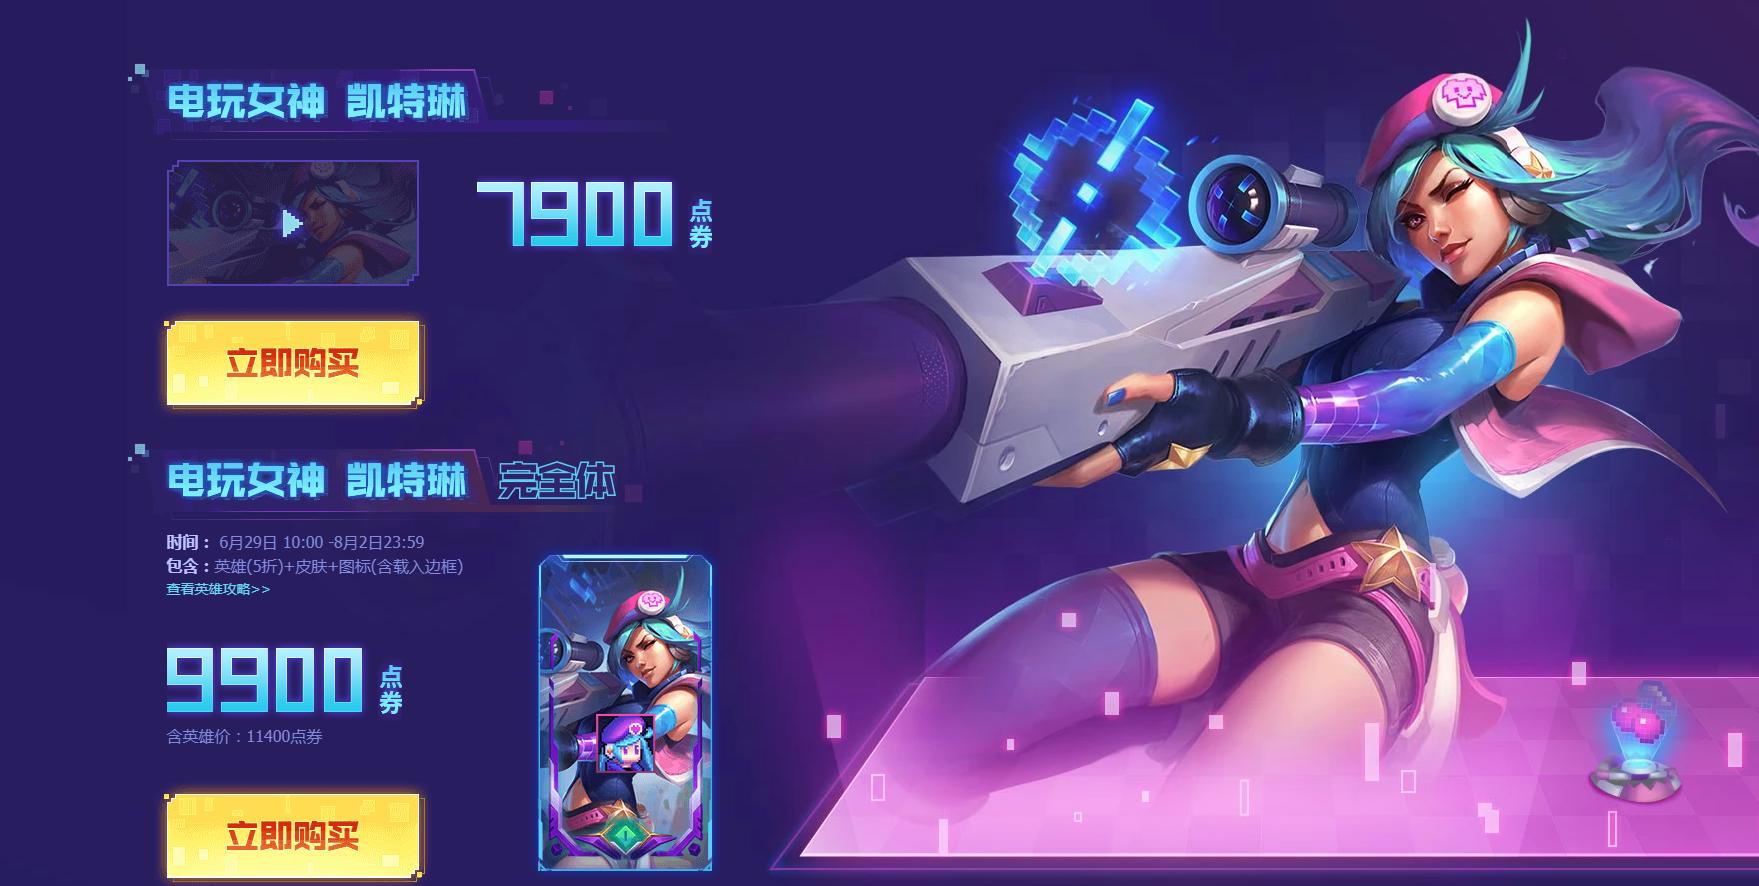 《LOL》2019电玩系列皮肤一路通关活动